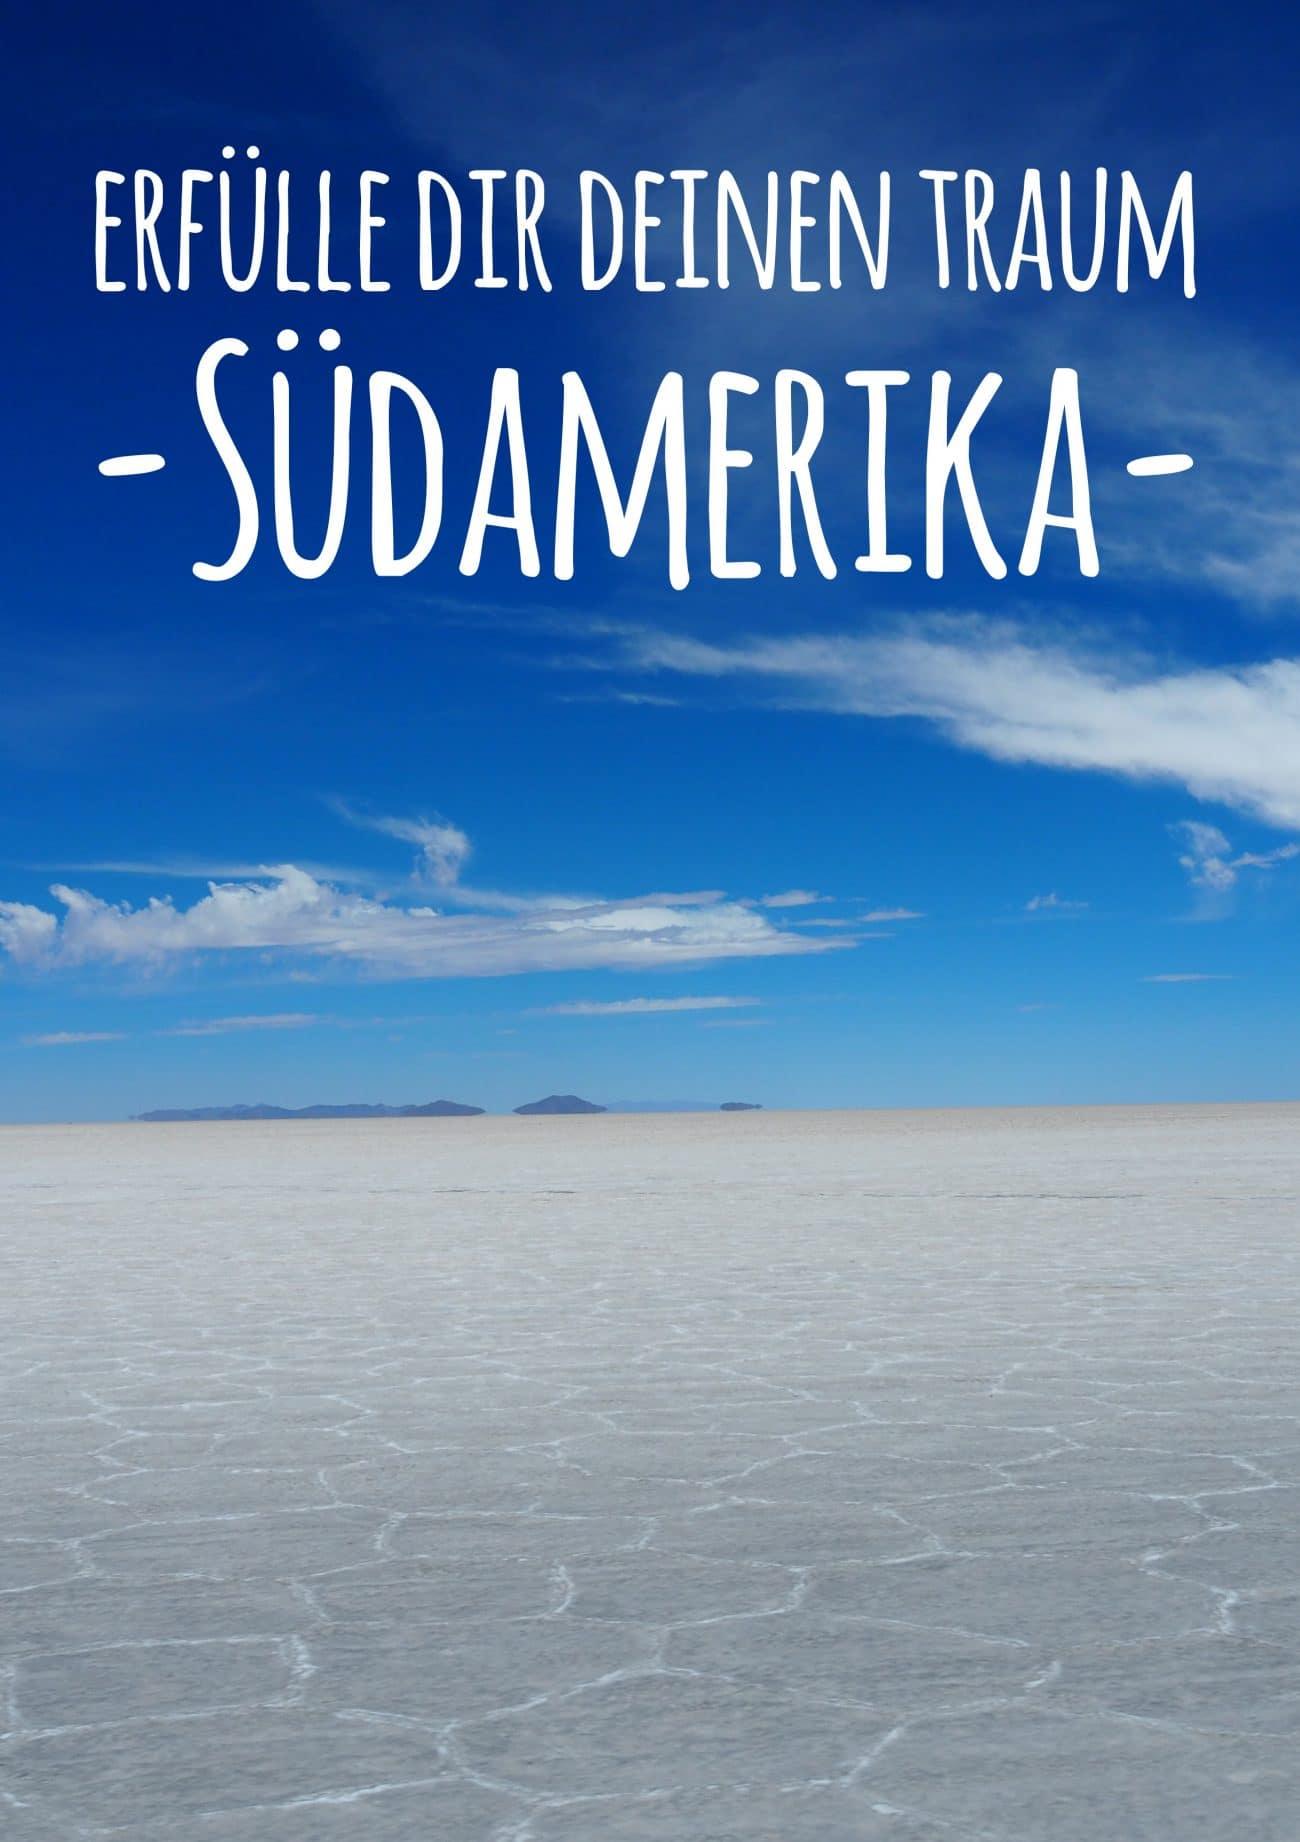 Einmal im Leben sollte sich jeder eine Auszeit vom Job gönnen. Rebekka verrät dir im Interview, warum es sich lohnt diese Zeit in Südamerika zu verbringe.